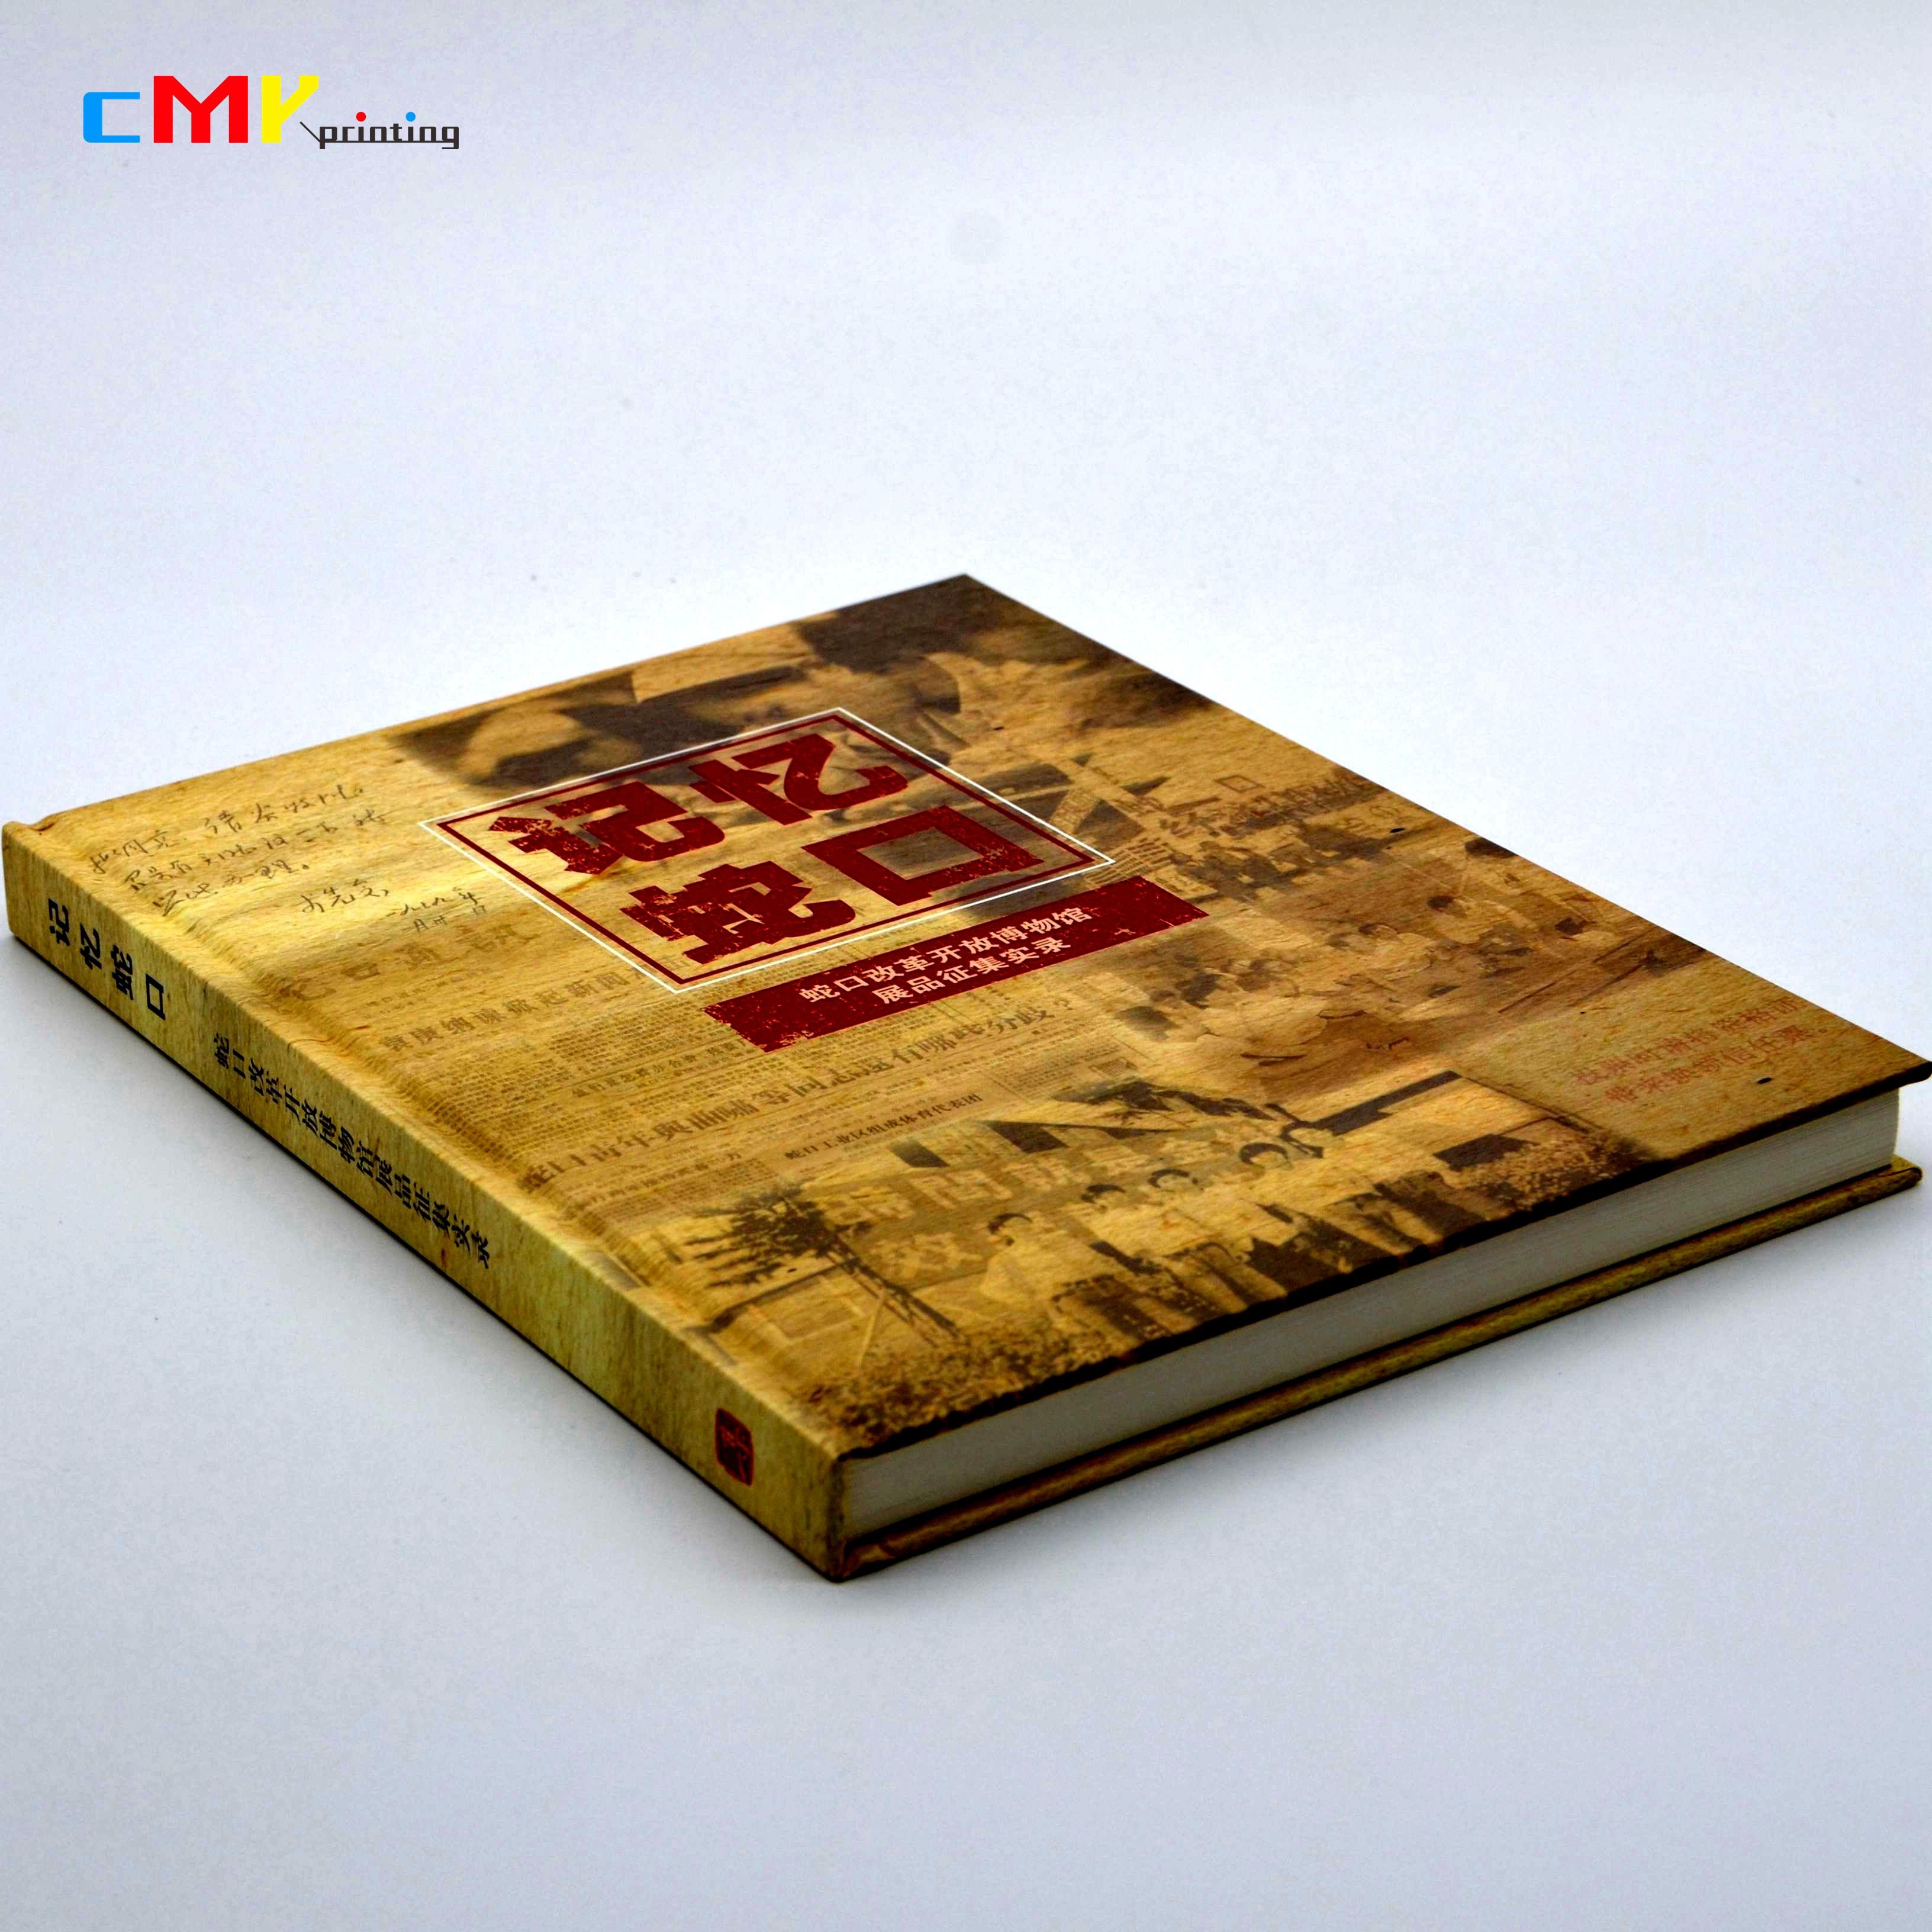 《记忆蛇口》——蛇口改革开放博物馆展品征集实录精装画册